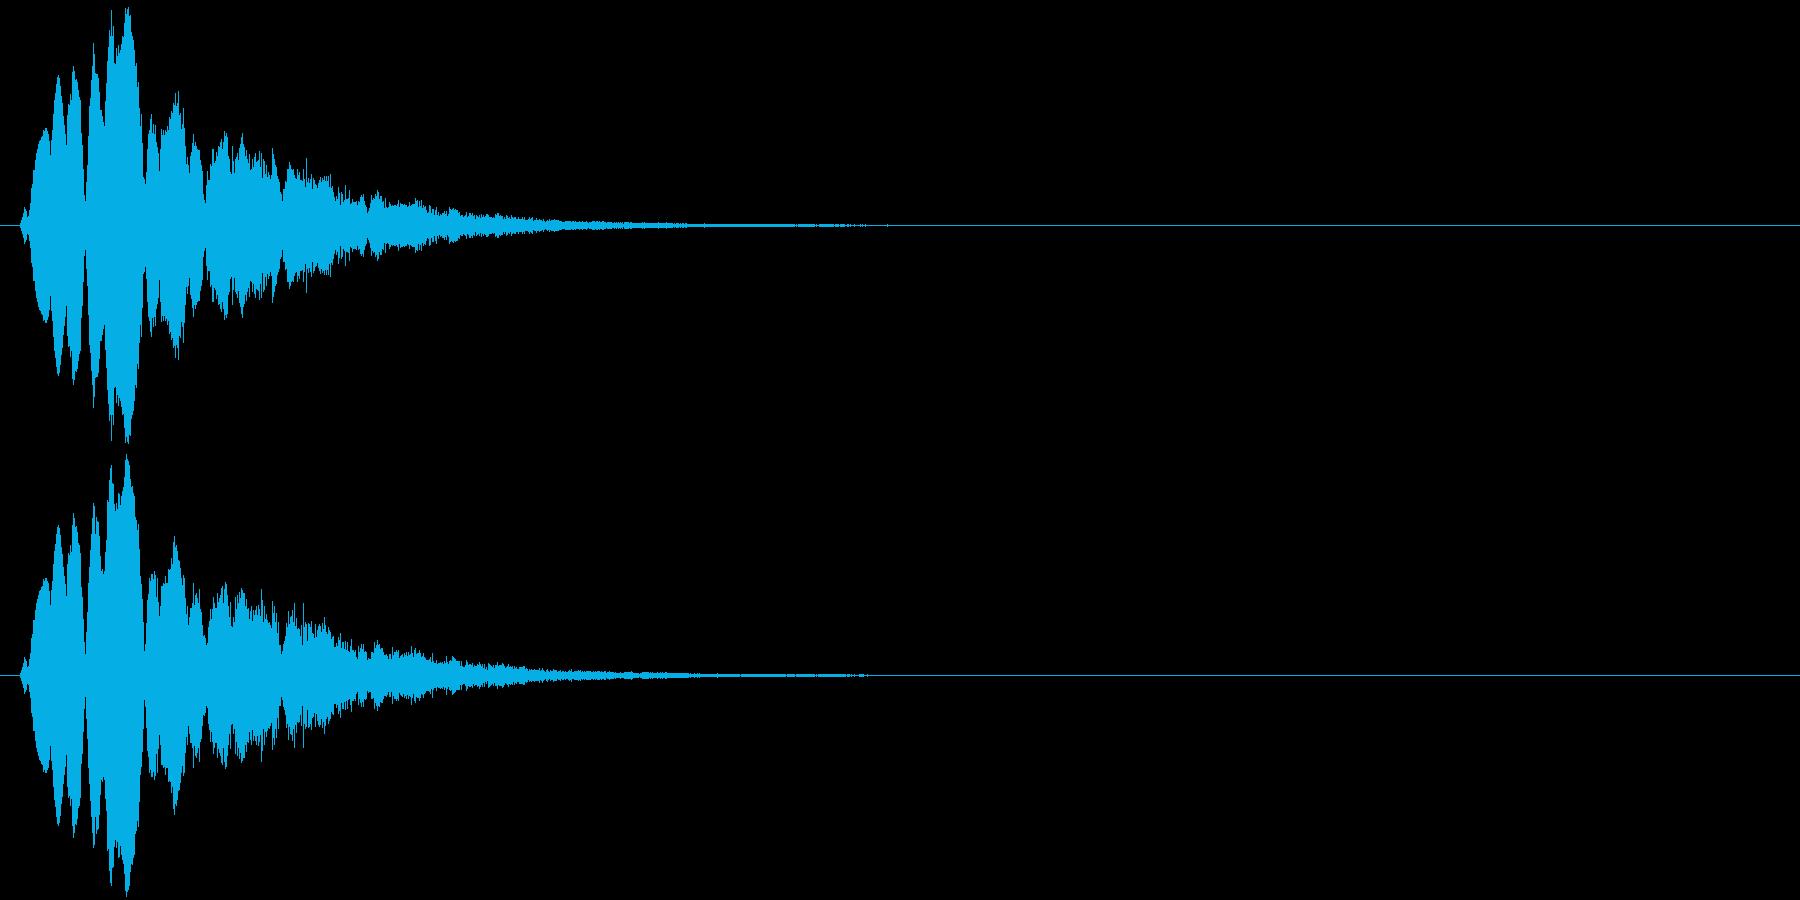 キラキラキラッ↓(流れ星)の再生済みの波形